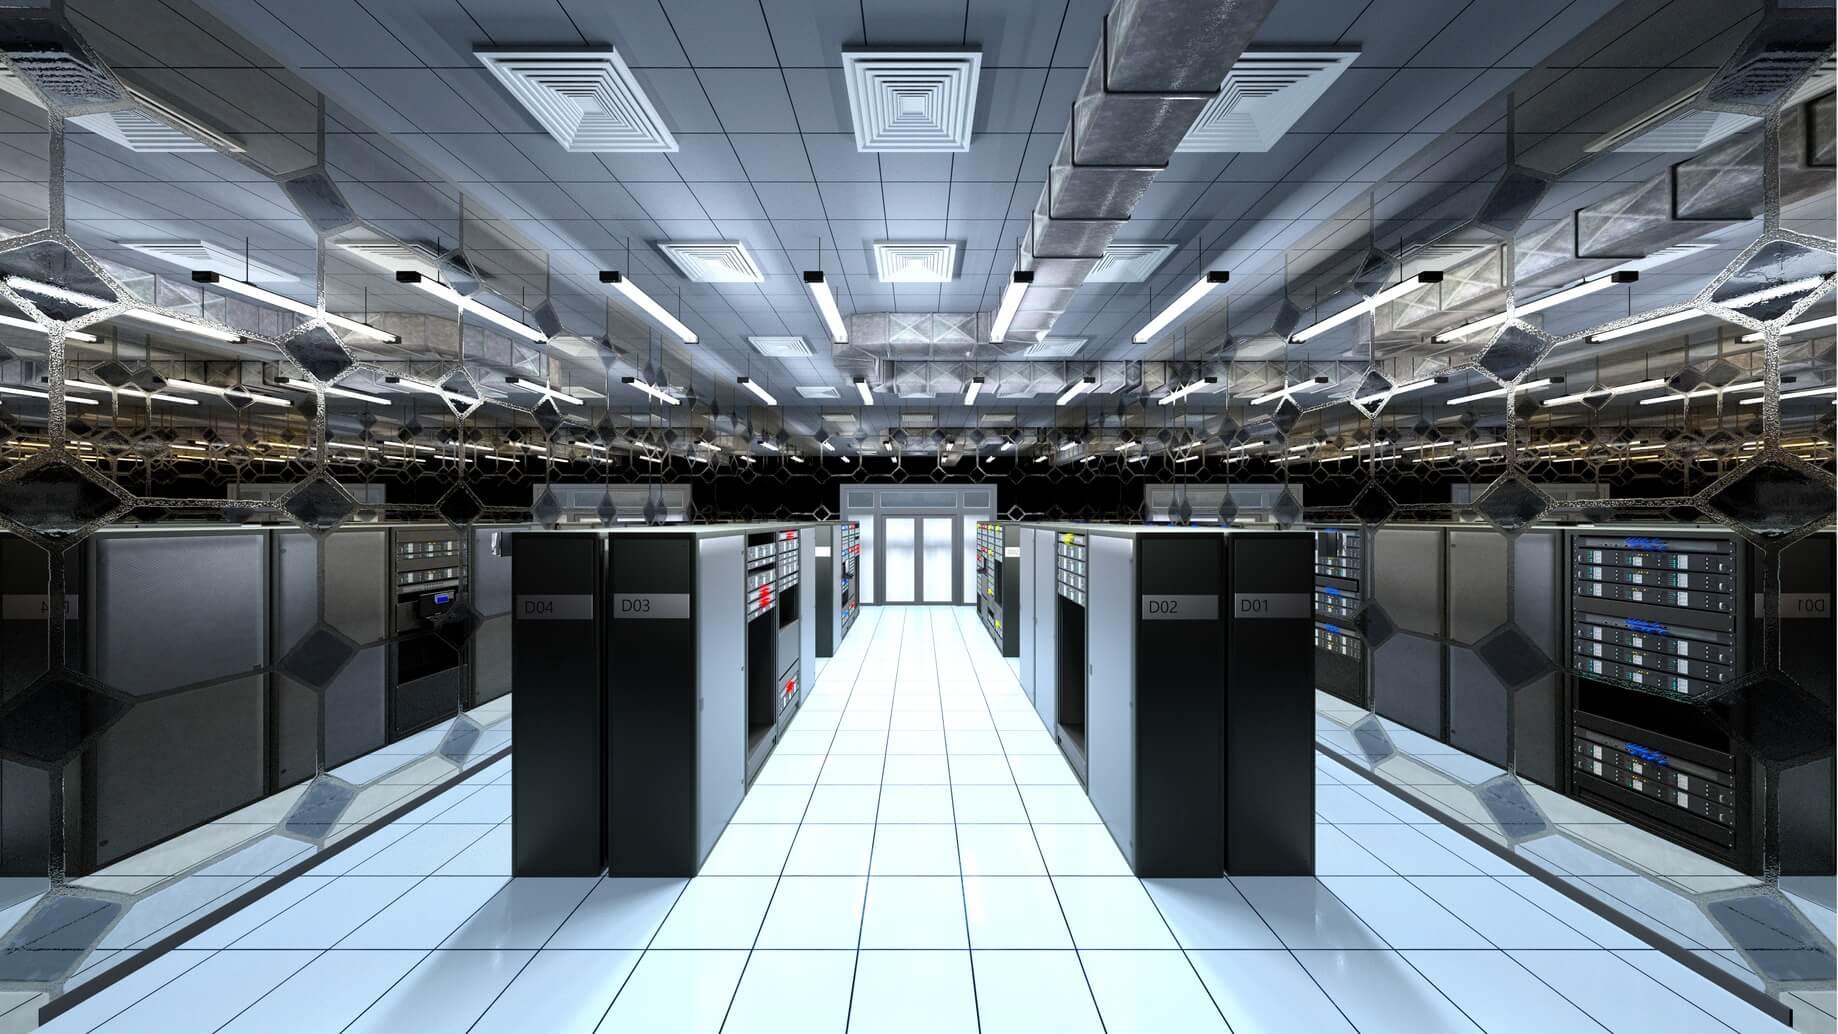 部屋に並ぶコンピューター機器